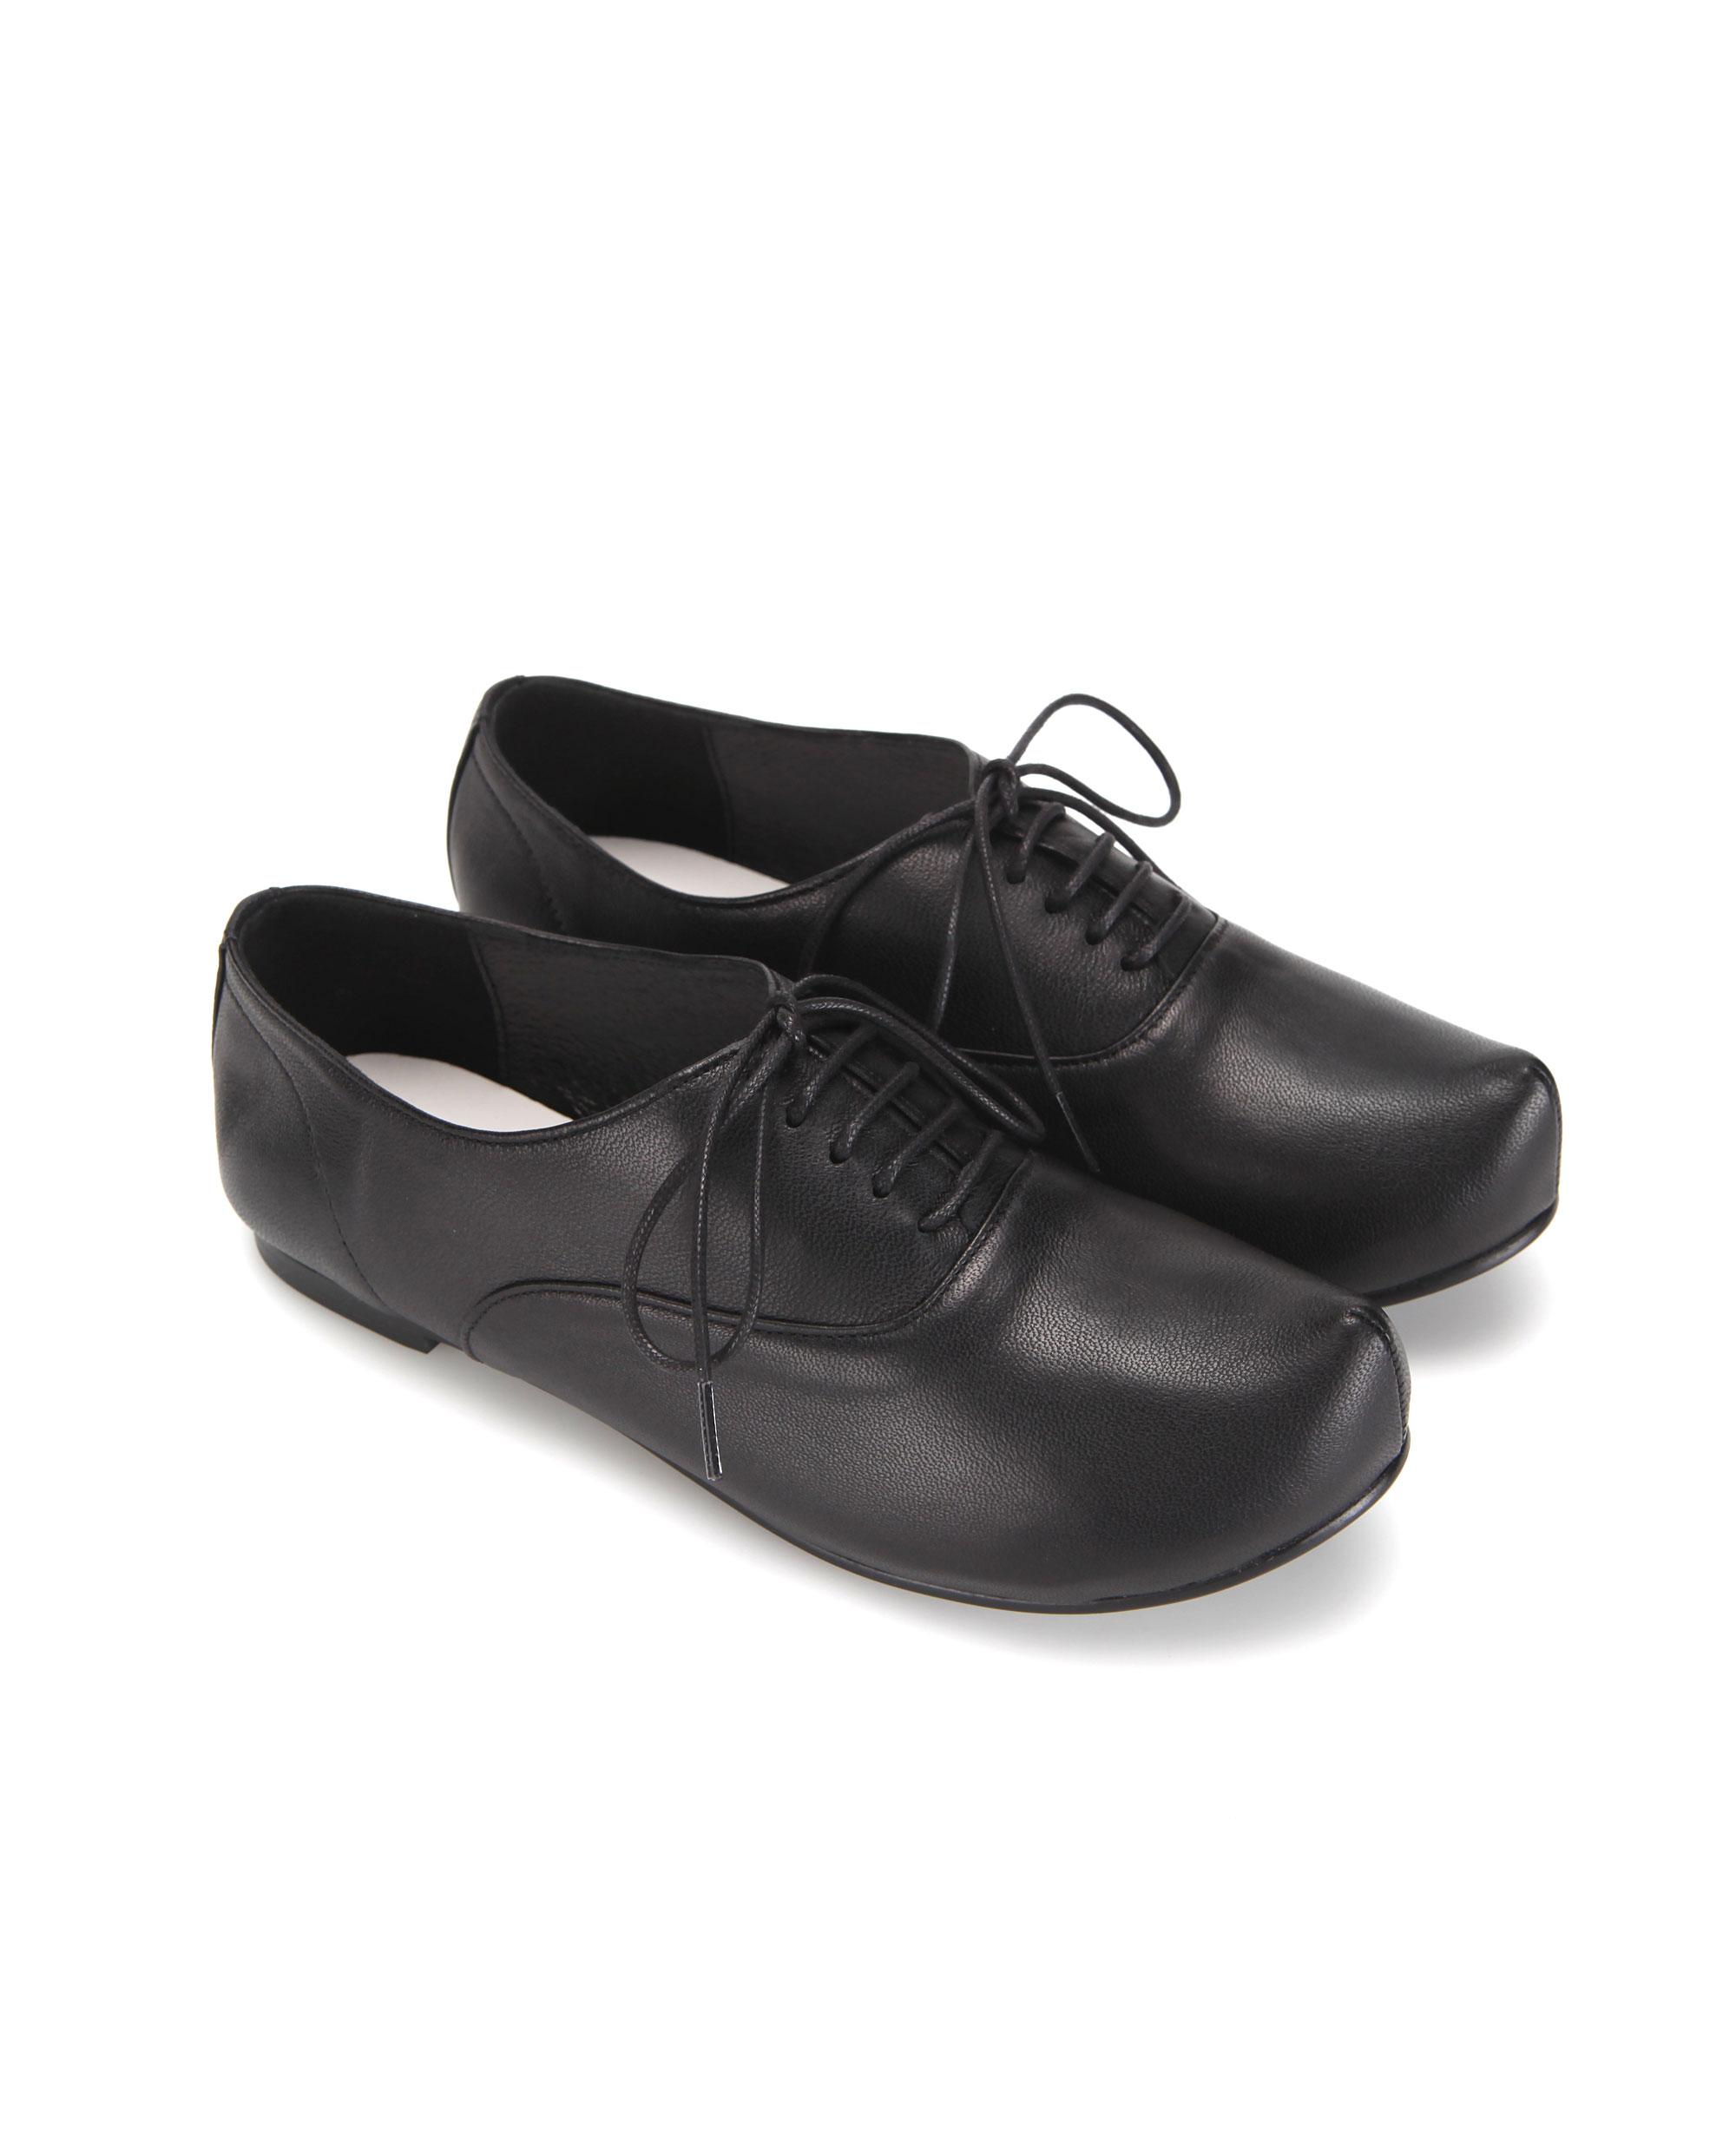 플랫아파트먼트, 플랫아파트먼트 신발, 플랫아파트먼트 슈즈, 포인티드토, 포인티드코, 포인티드토 플랫 신발, 옥스포드신발, 포인티드토 신발, 포인티드코플랫, 옥스포드 슈즈, 더비슈즈, flatapartment, flat apartment, flat apartment shoes, flatapartment shoes, pointed toe flat shoes, pointed toe shoes, lace up shoes, lace up flat shoes, pointed toe lace up shoes, oxford shoes, derby lace up, derby shoes, pointed toe derby, pointed toe oxford shoes, shoes, Seoul fashion, K fashion, platform shoes, platforms, unique shoes, unique platforms